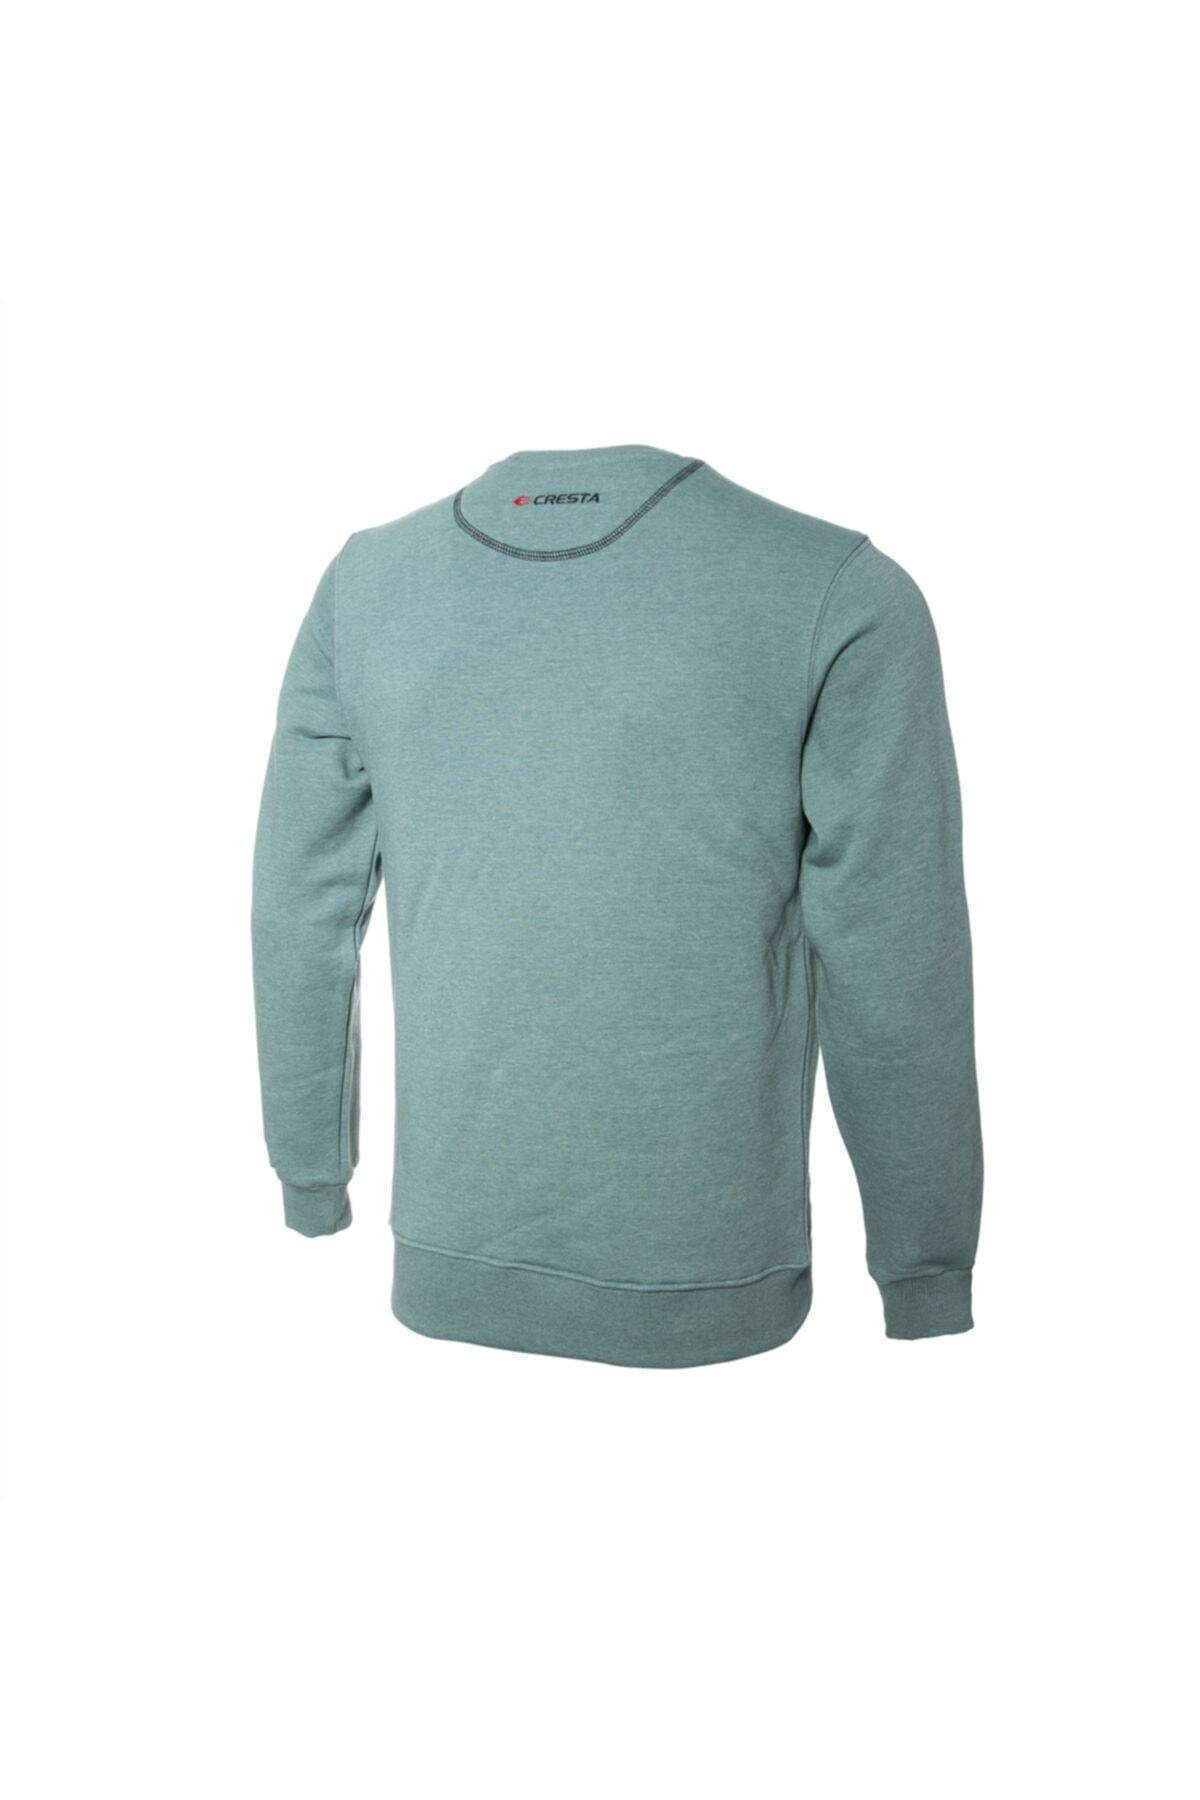 Cresta Erkek Yeşil Basic Outdoor Sweatshirt 2